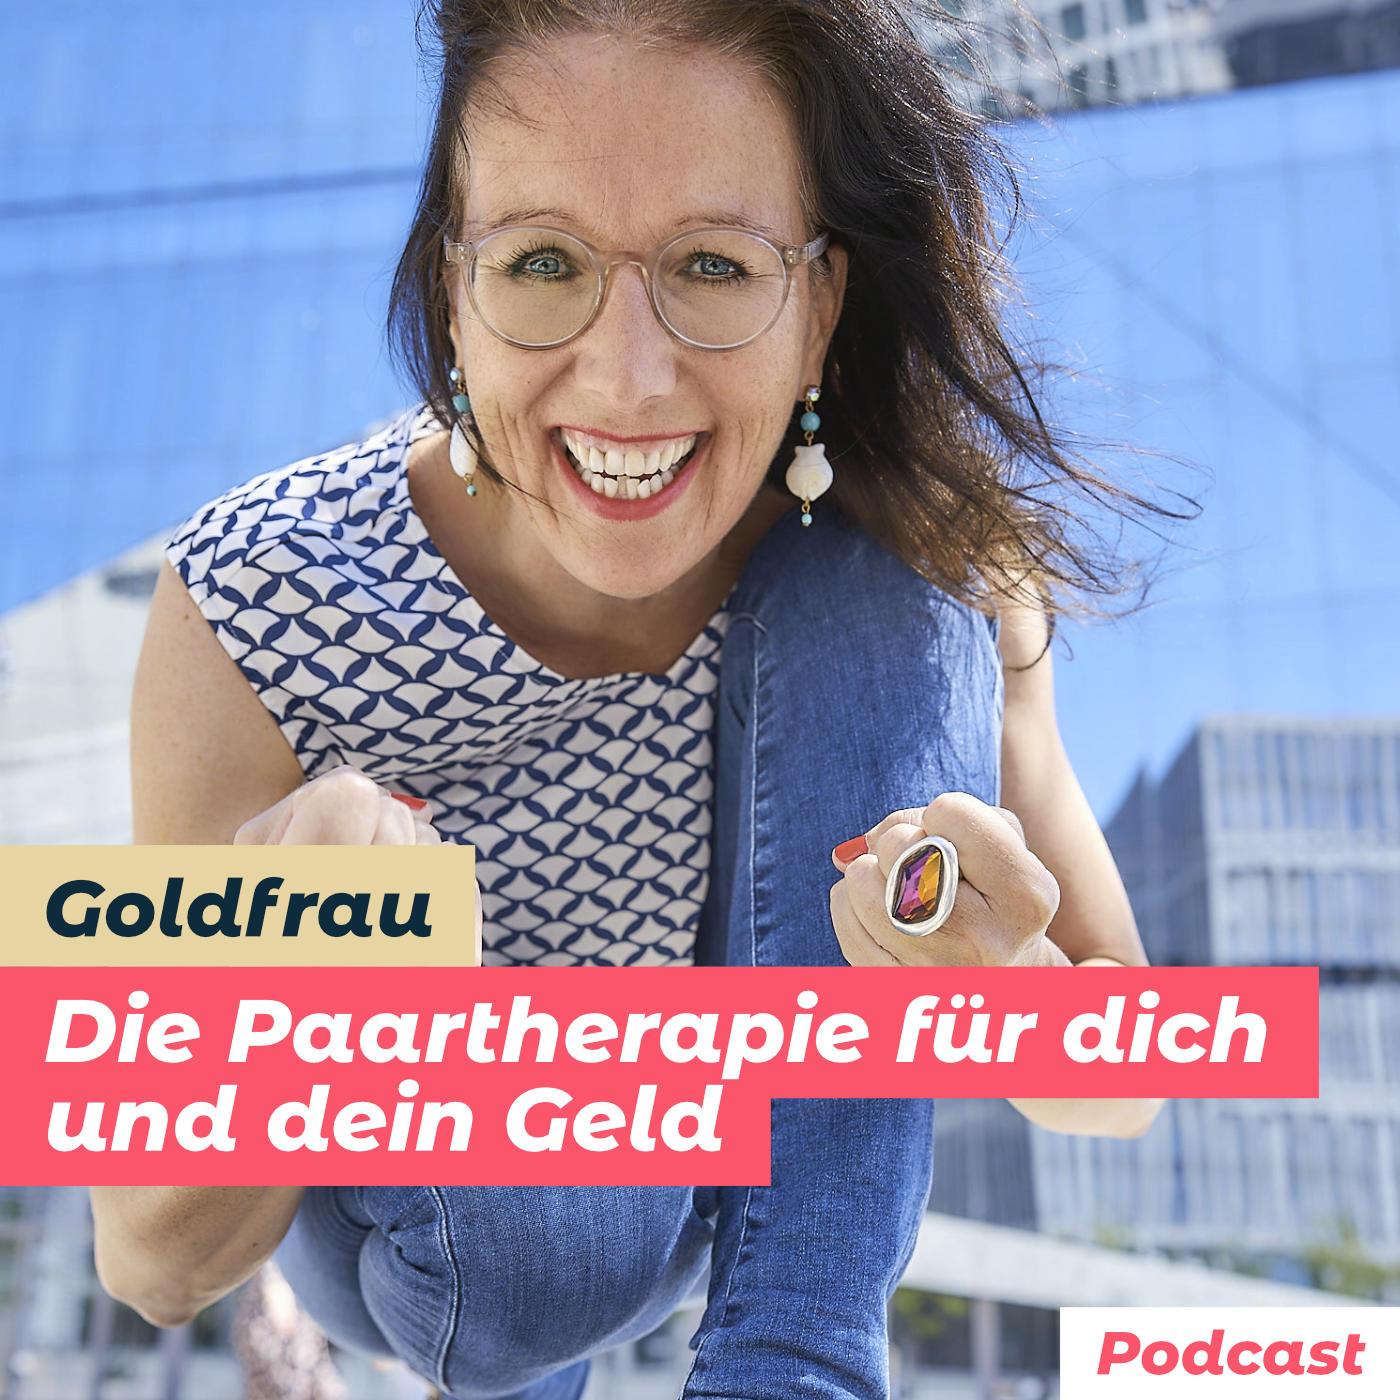 Goldfrau Podcast: Die Paartherapie für dich und das Geld show art